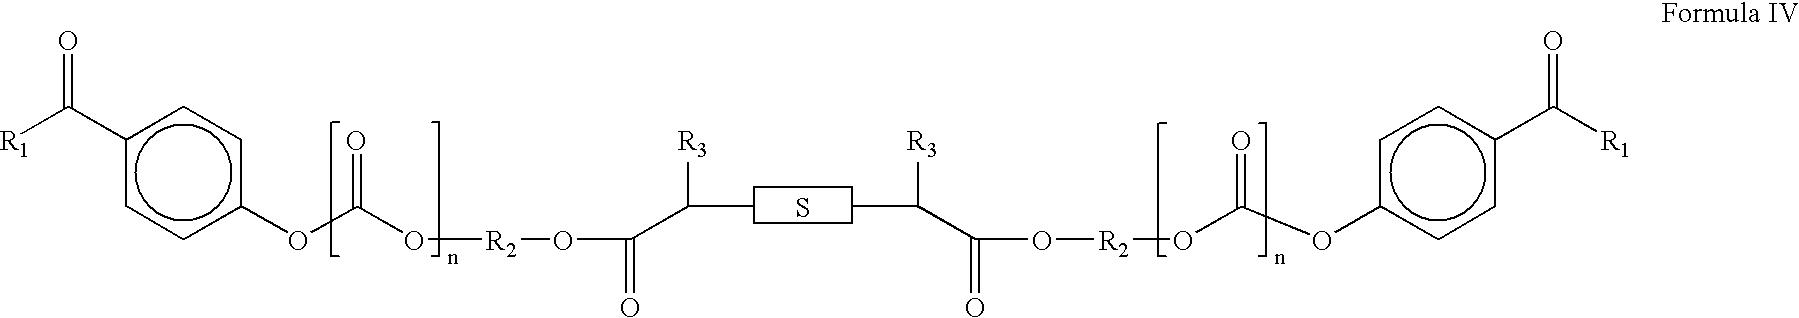 Figure US07449219-20081111-C00004